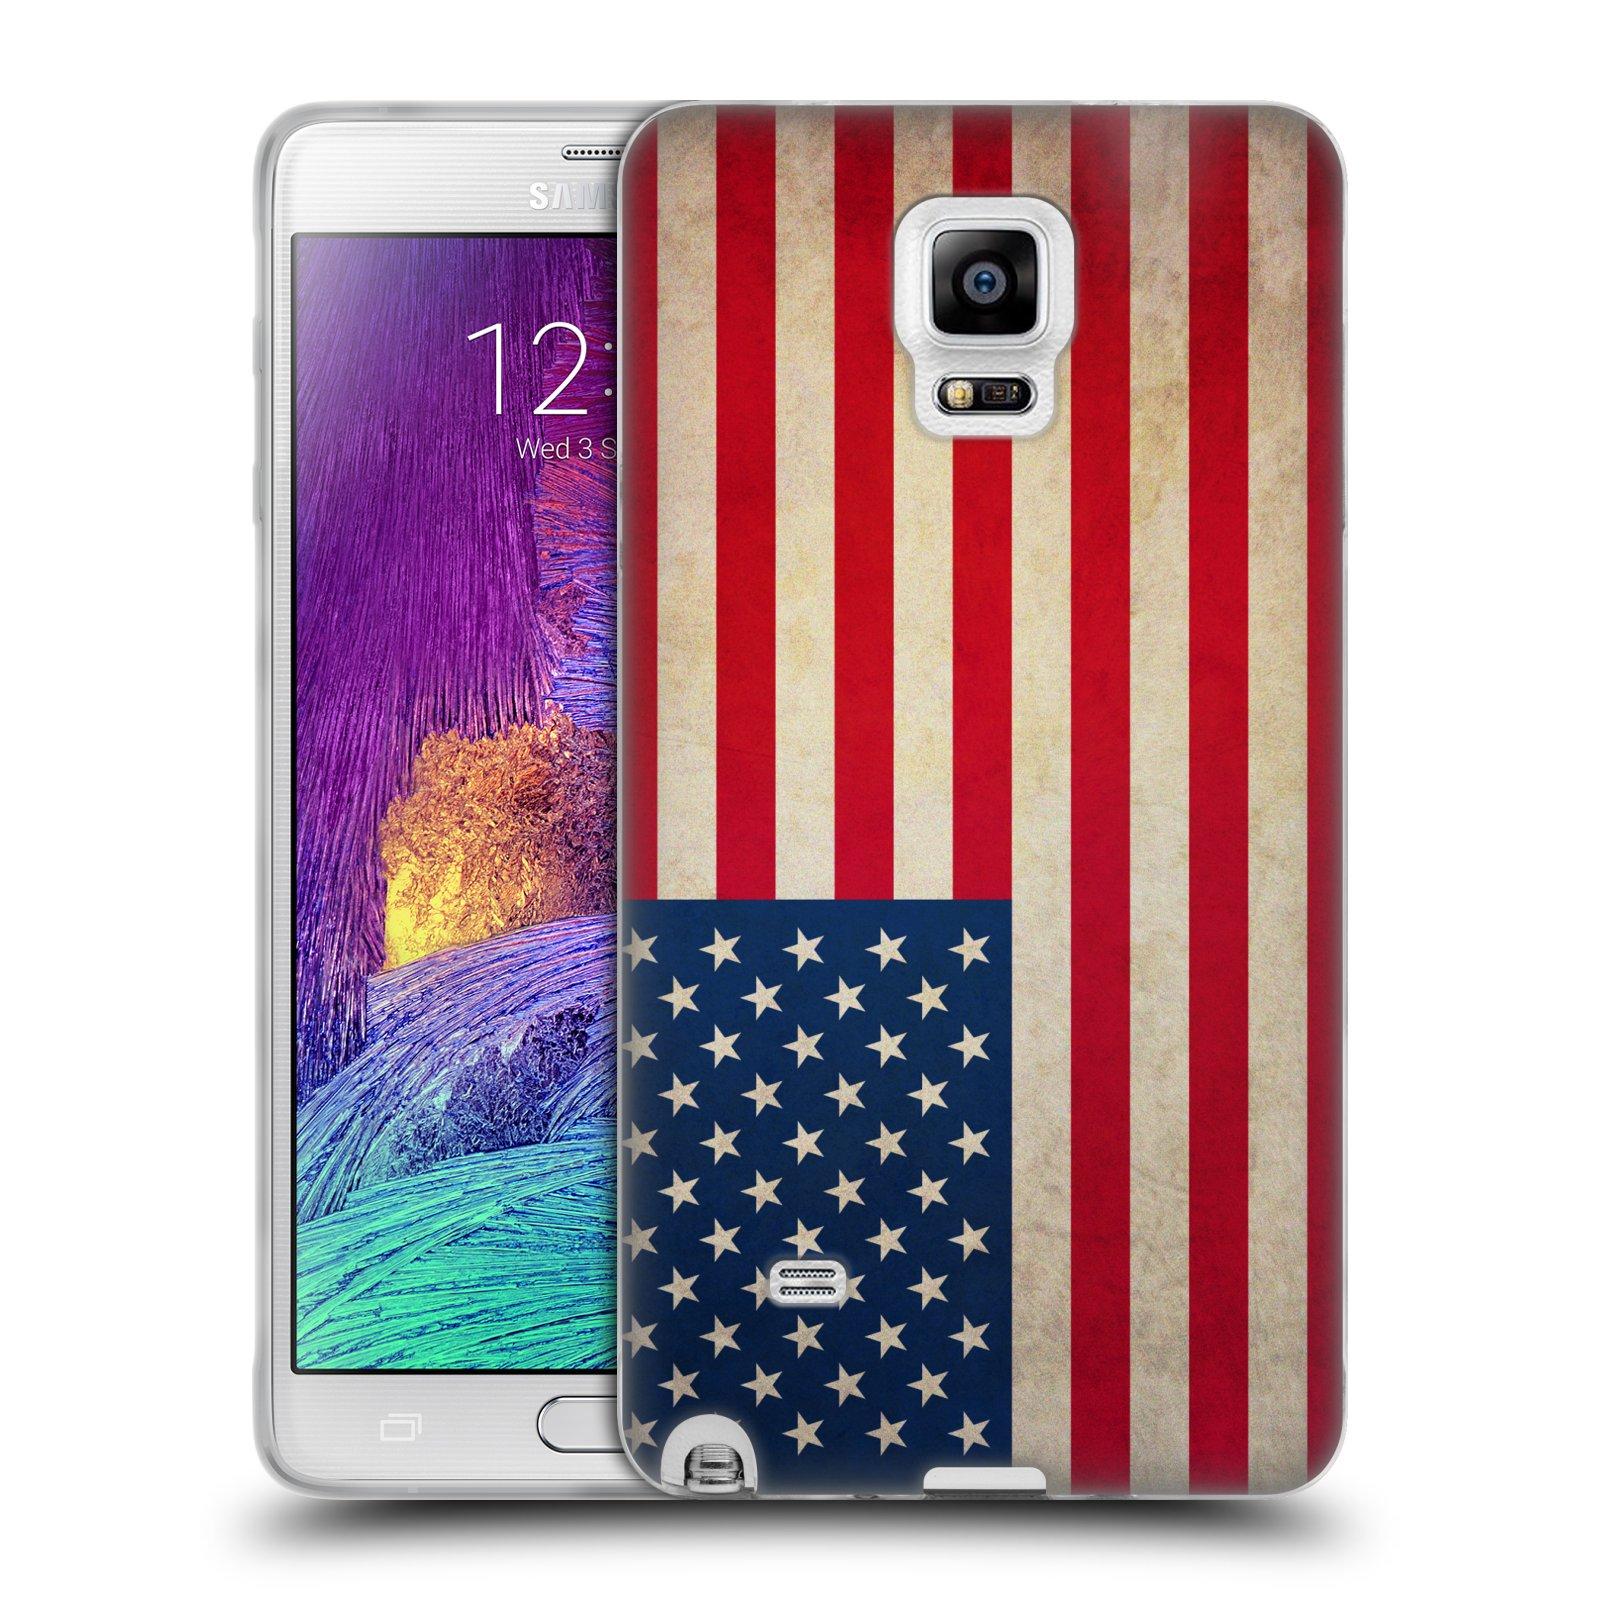 HEAD CASE silikonový obal na mobil Samsung Galaxy Note 4 (N910) vzor VINTAGE VLAJKY SPOJENÉ STÁTY USA